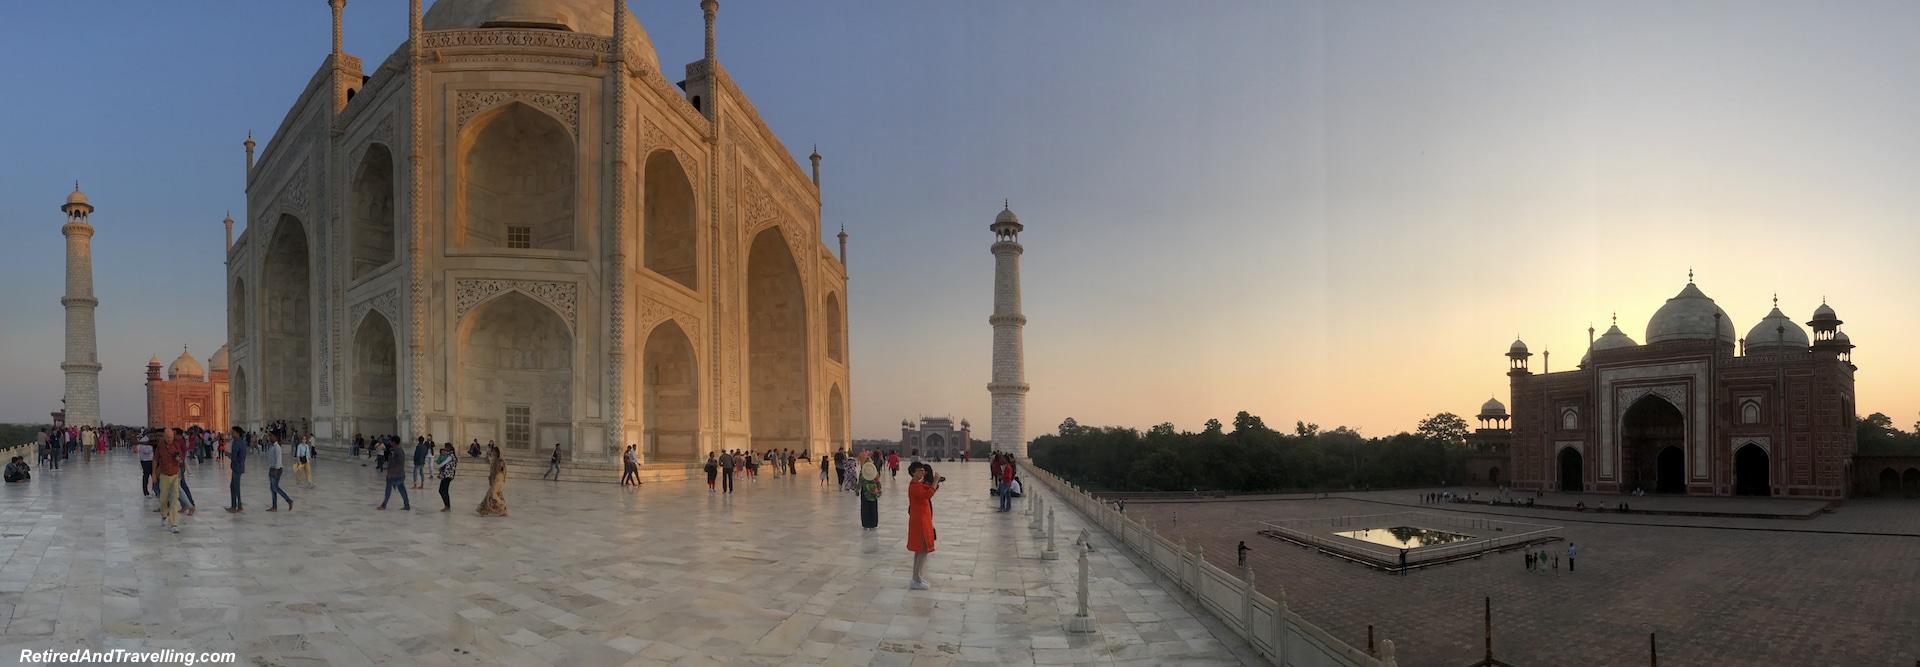 Sunset - Taj Mahal at Sunrise and Sunset.jpg